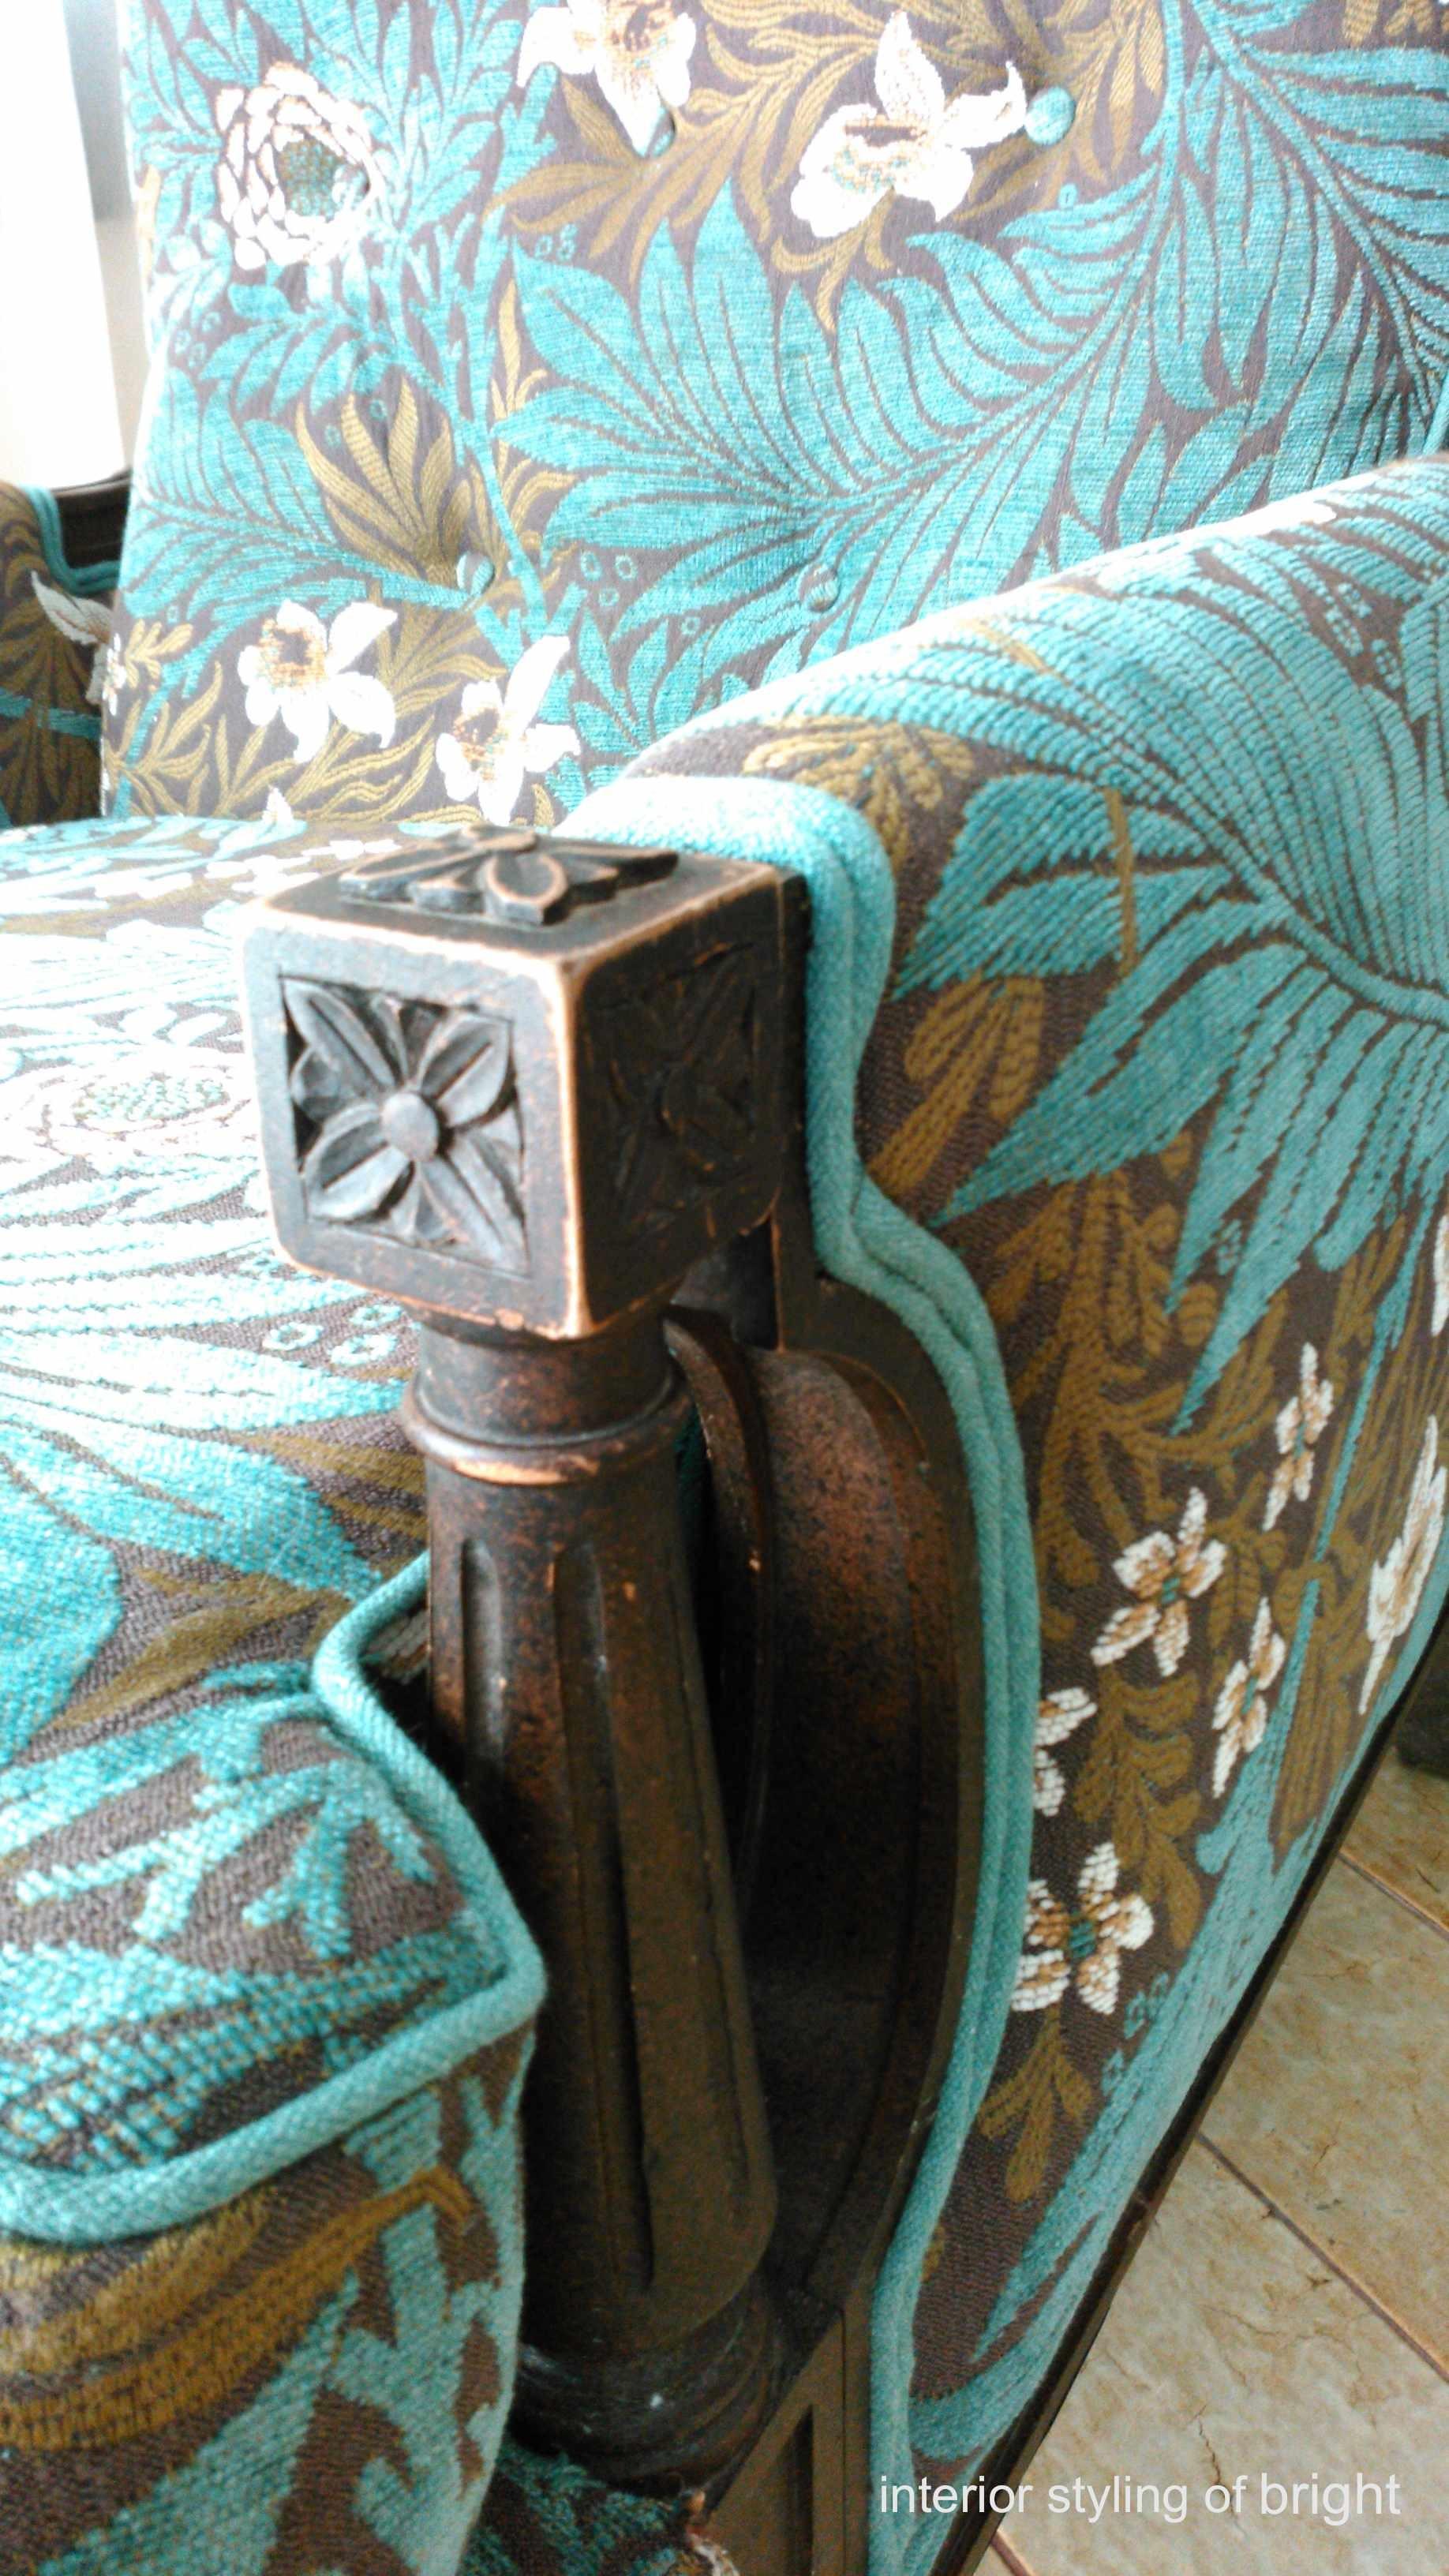 モリス 椅子張替『ラークスパー』 ウィリアムモリス正規販売店のブライト_c0157866_15053073.jpg